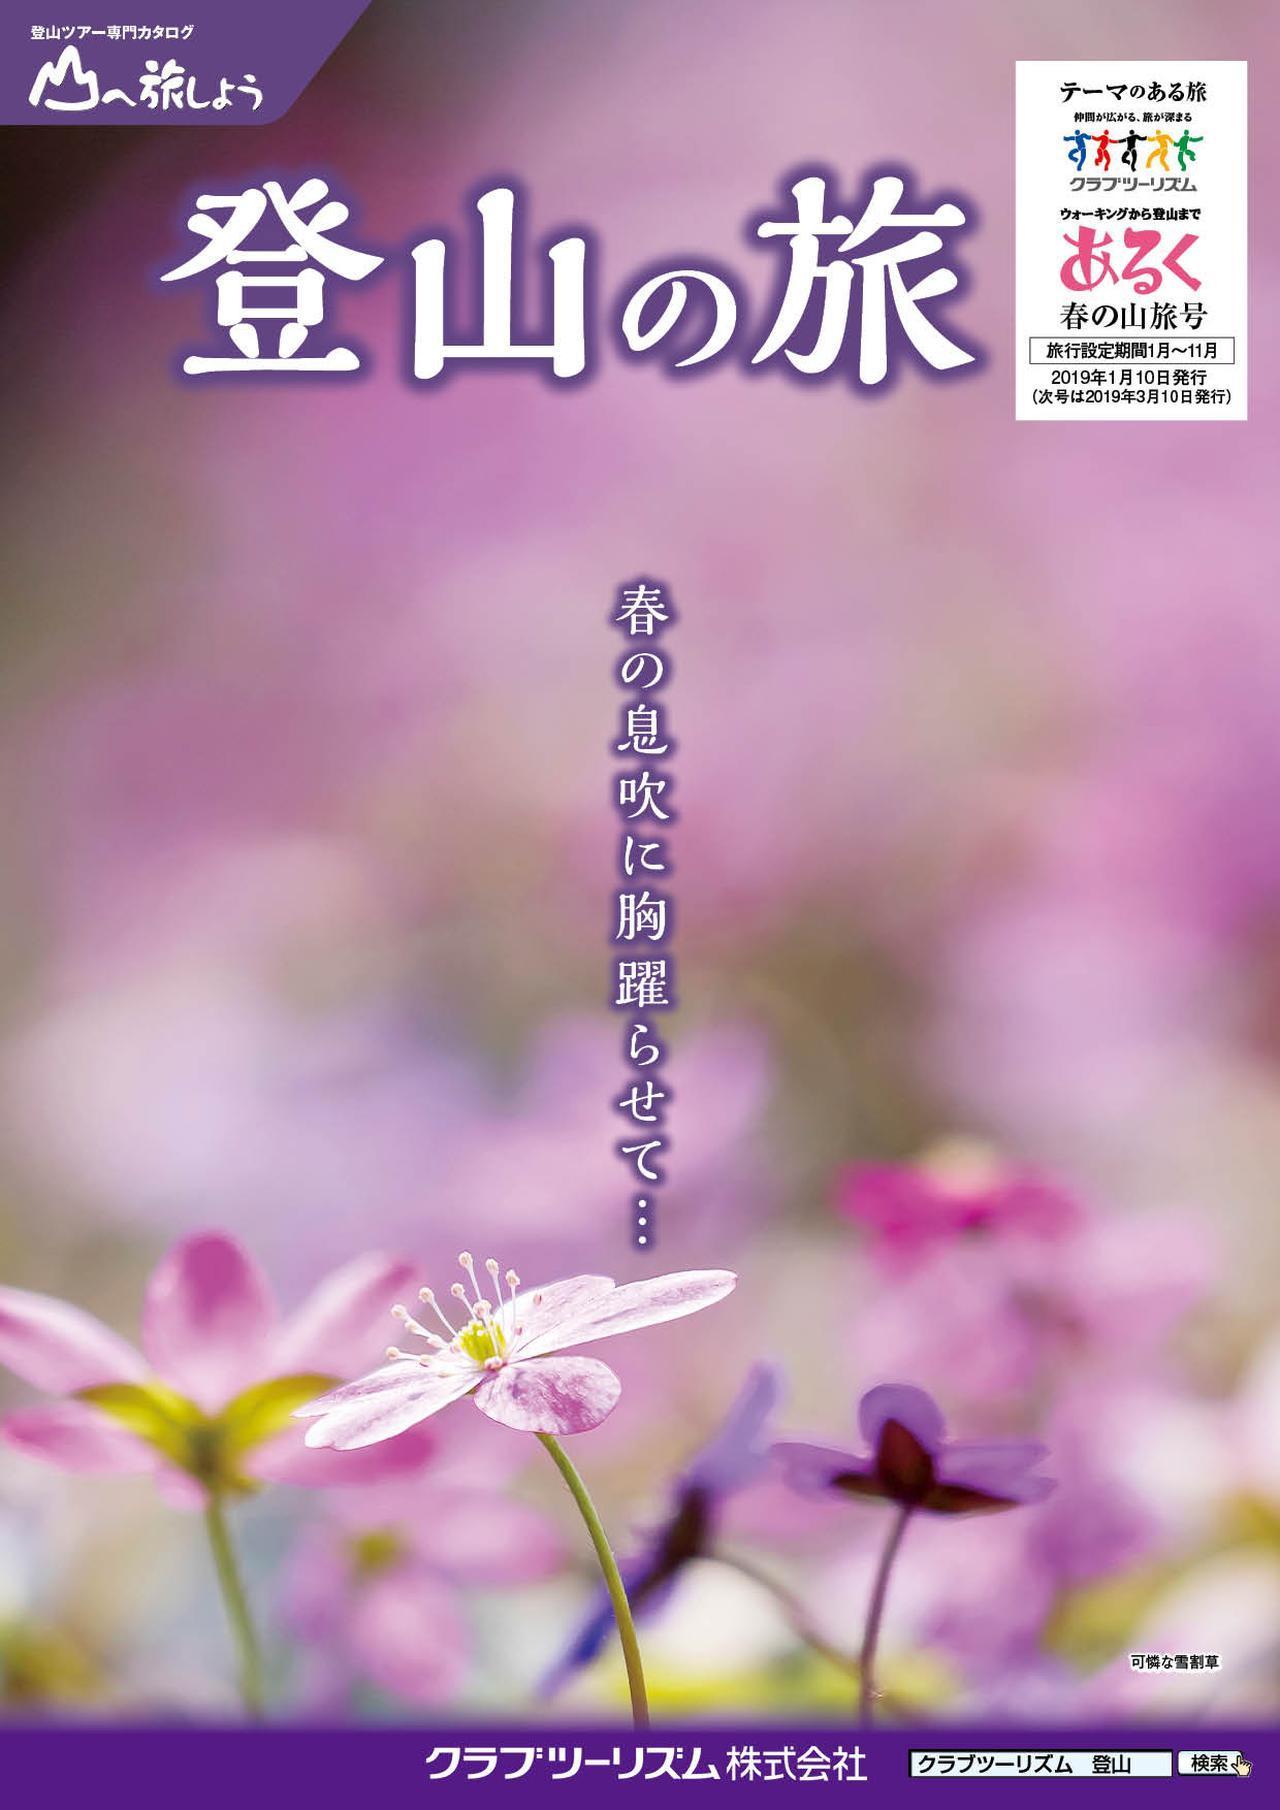 画像: 「登山の旅」1月10日発行号